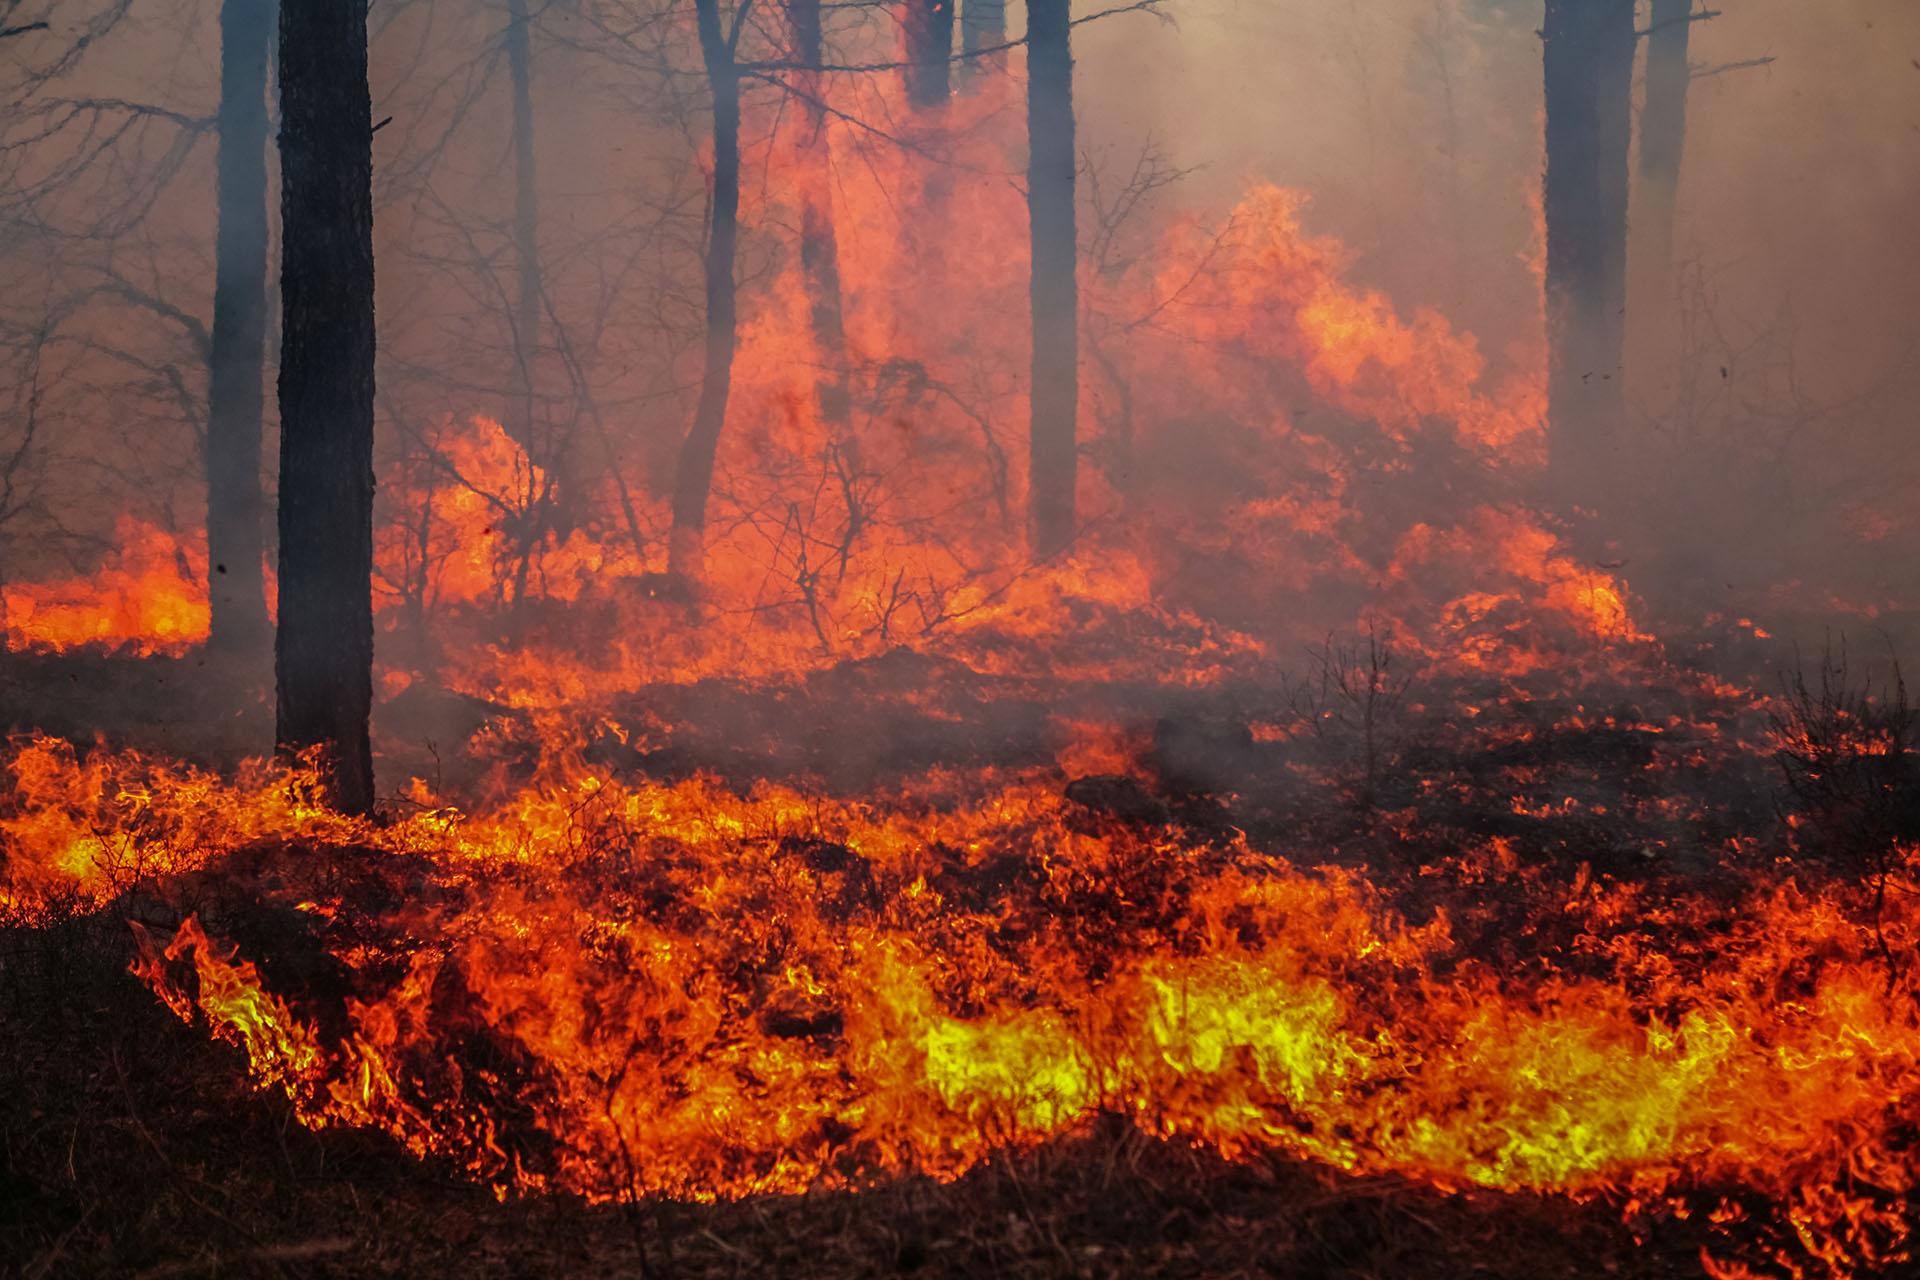 Źródłem ognia, od którego zaczął się pożar w Biebrzańskim Parku Narodowym prawdopodobnie była podpalona łąka. Fot. Chroma Stock